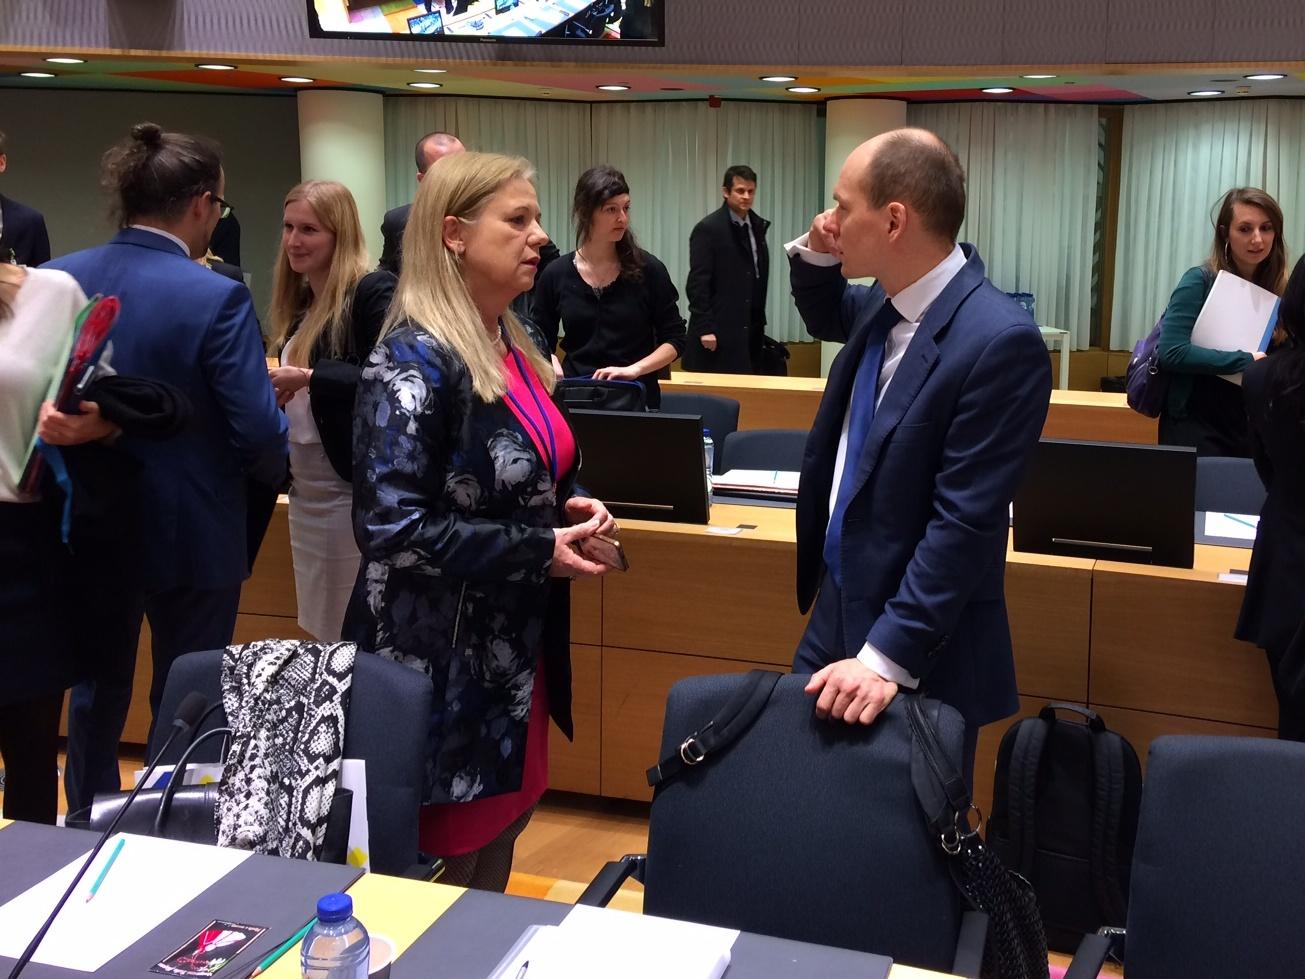 Evropští ministři: Nová strategie pro plasty bude přínosem, pokud budeme provádět konkrétní opatření